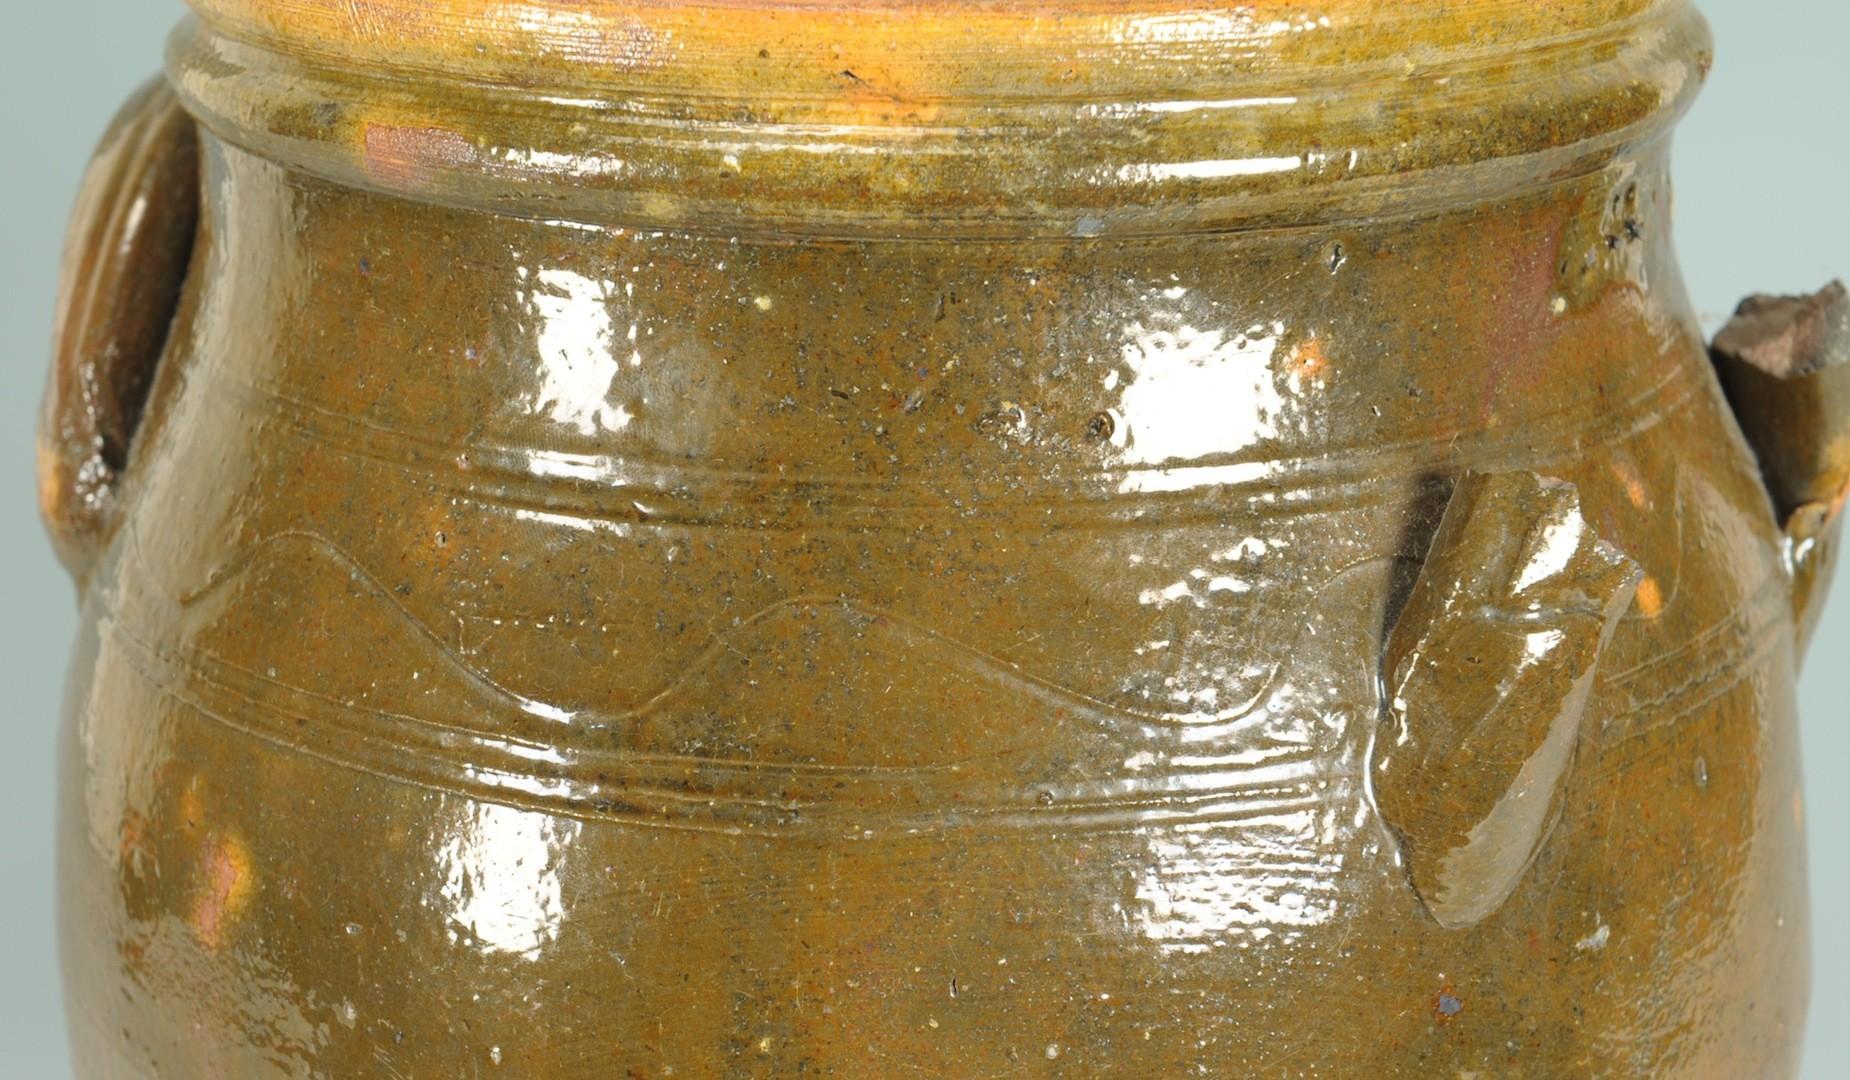 Lot __ Inv. #2905: East TN Redware Pottery Jar, attrib. Cain